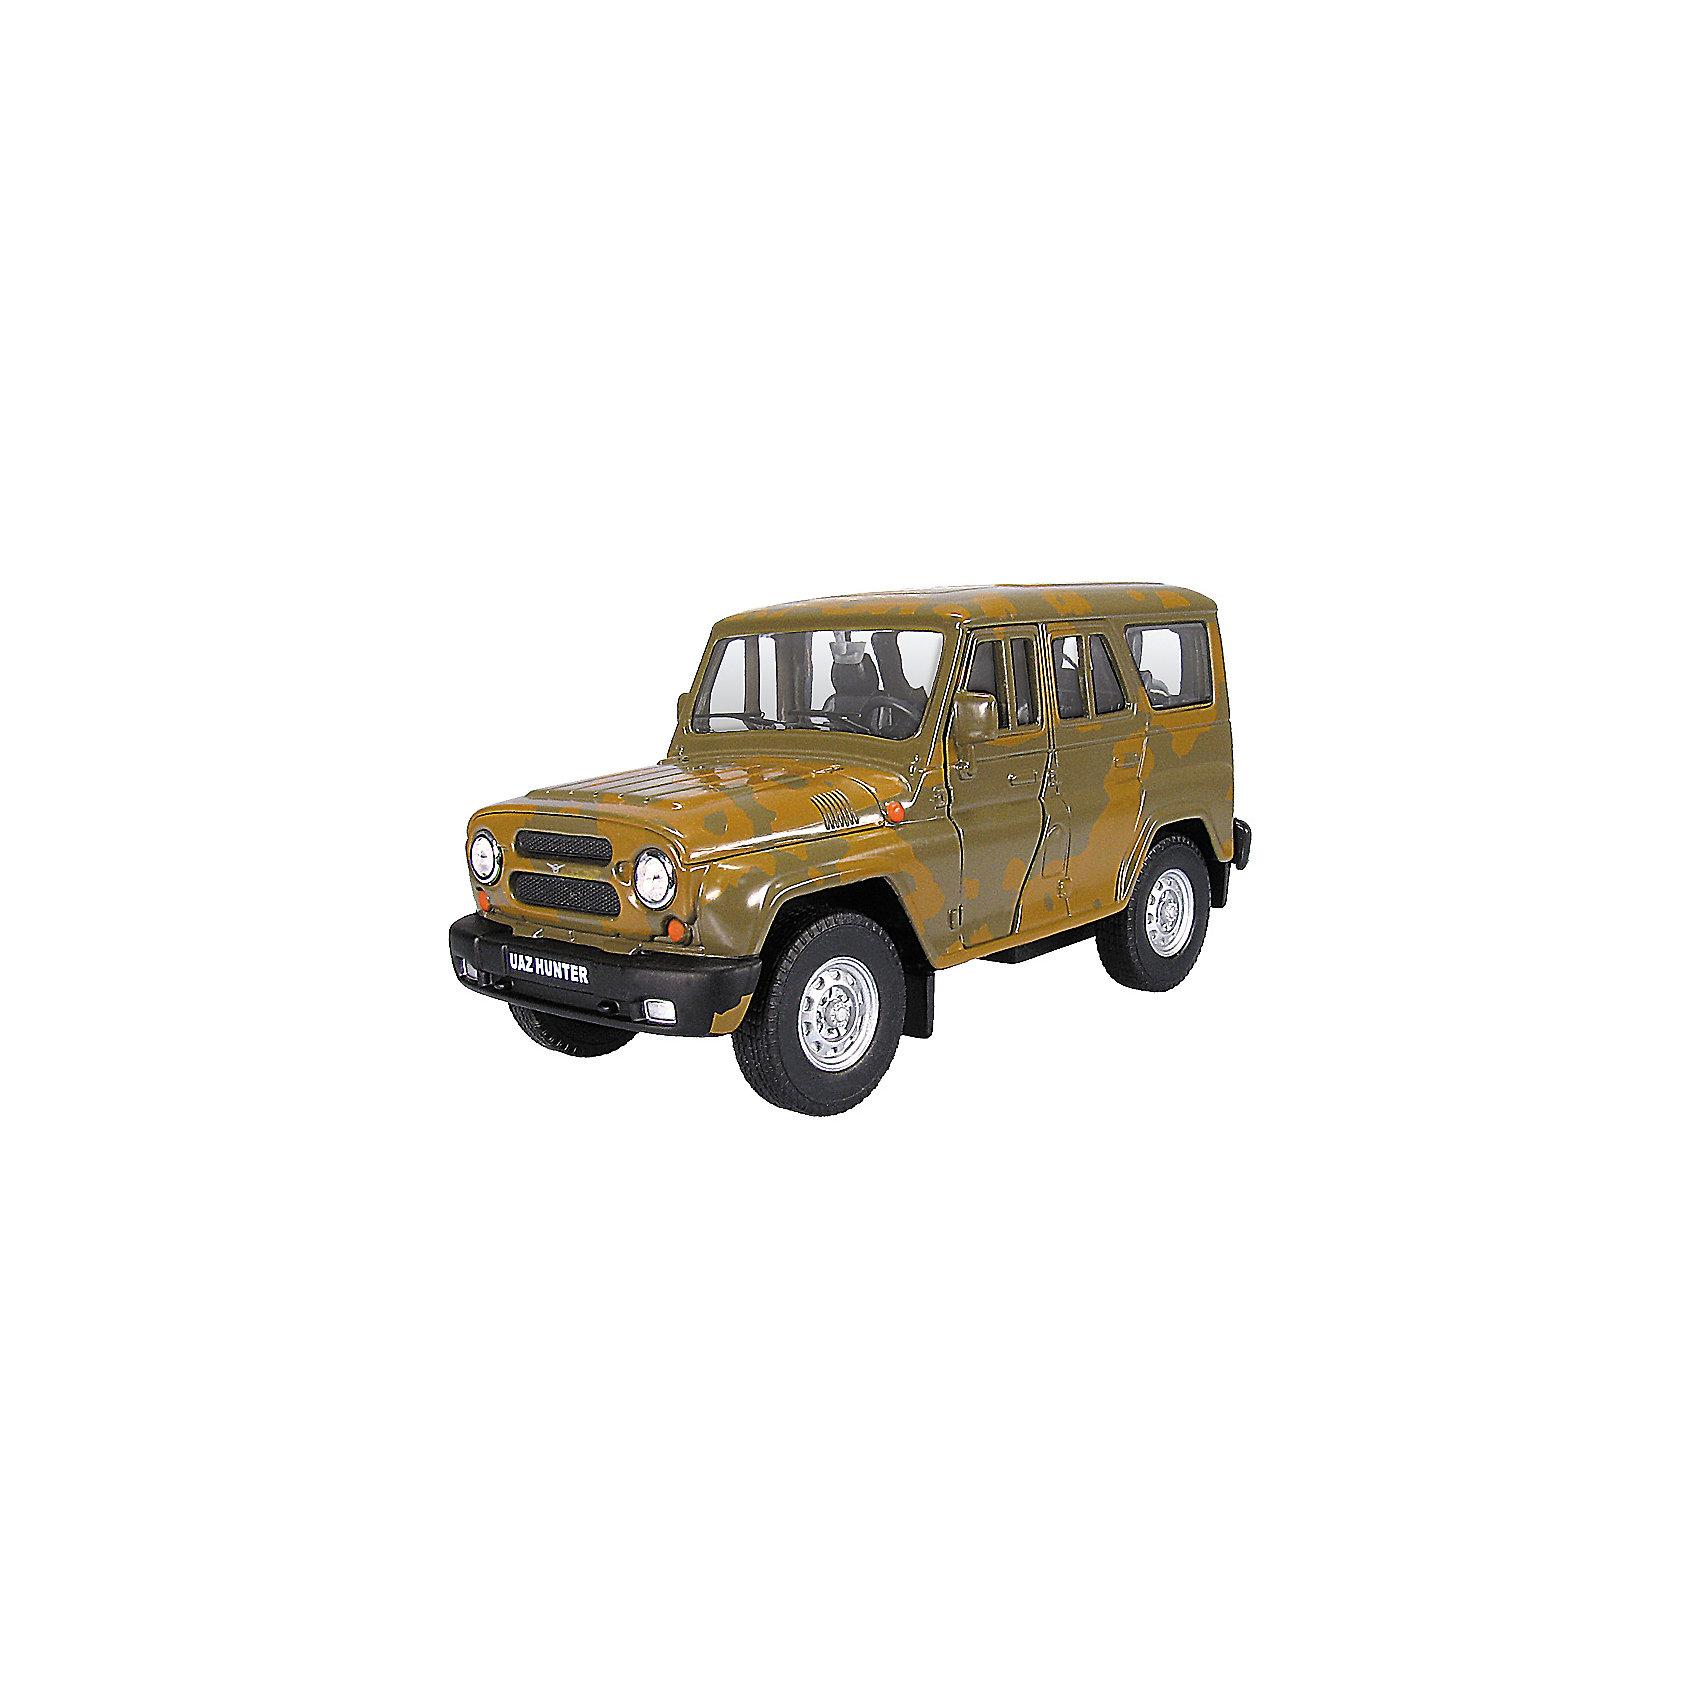 Машинка UAZ Hunter спецназ 1:36, AutotimeМашинки<br>Машинка UAZ Hunter спецназ 1:36, Autotime (Автотайм).<br><br>Характеристики:<br><br>• Масштаб 1:36<br>• Длина машинки: 11,5 см.<br>• Цвет: хаки, камуфляж<br>• Материал: металл, пластик<br>• Упаковка: картонная коробка блистерного типа<br>• Размер упаковки: 16,5x5,7x7,2 см.<br><br>Машинка UAZ Hunter спецназ от Autotime (Автотайм) является уменьшенной копией настоящего автомобиля. Модель отличается высокой степенью детализации. Корпус машинки металлический с пластиковыми элементами. Автомобиль очень реалистично раскрашен. Передние двери открываются, что позволяет рассмотреть салон изнутри в деталях. Машинка оснащена инерционным механизмом. Машинка UAZ Hunter спецназ, выпущенная в русской серии бренда Autotime (Автотайм), станет хорошим подарком и ребенку, и коллекционеру моделей автомобилей.<br><br>Машинку UAZ Hunter спецназ 1:36, Autotime (Автотайм) можно купить в нашем интернет-магазине.<br><br>Ширина мм: 165<br>Глубина мм: 57<br>Высота мм: 75<br>Вес г: 13<br>Возраст от месяцев: 36<br>Возраст до месяцев: 2147483647<br>Пол: Мужской<br>Возраст: Детский<br>SKU: 5583869